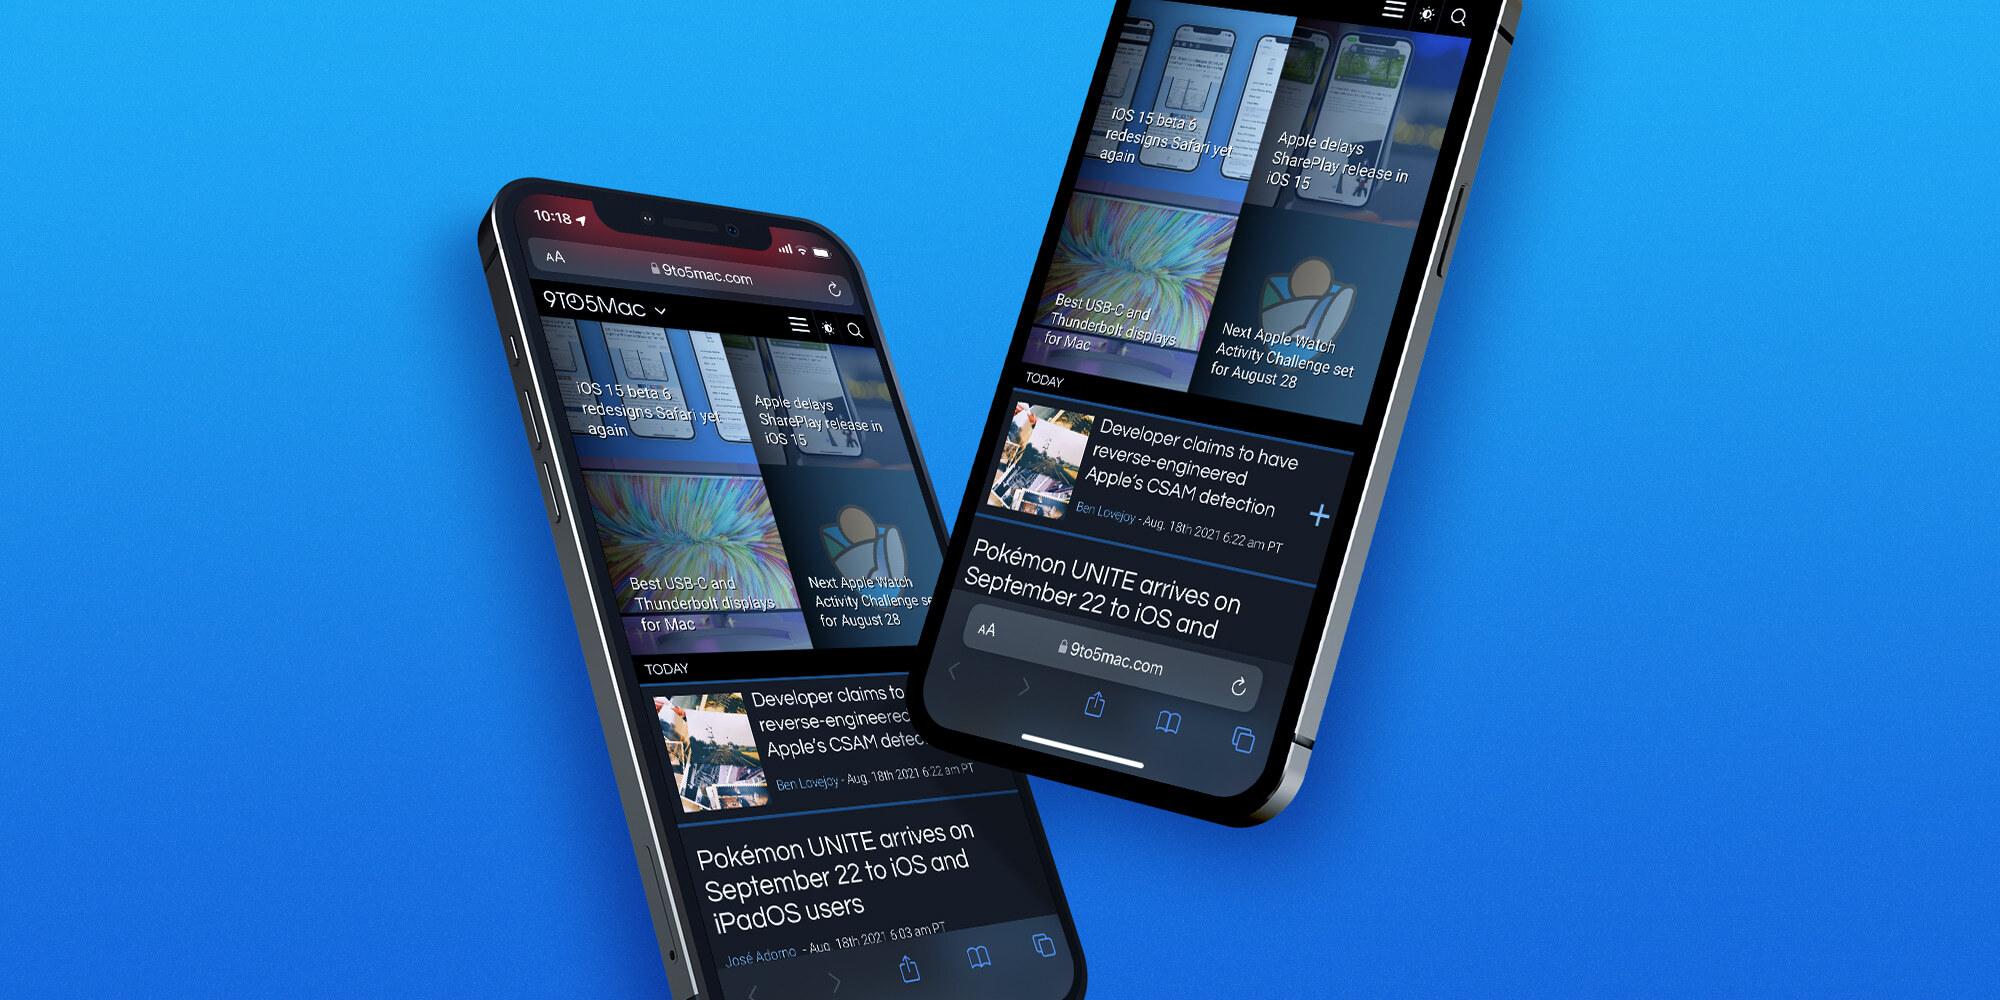 Comment changer l'adresse/la barre de recherche de Safari iOS 15 sur iPhone